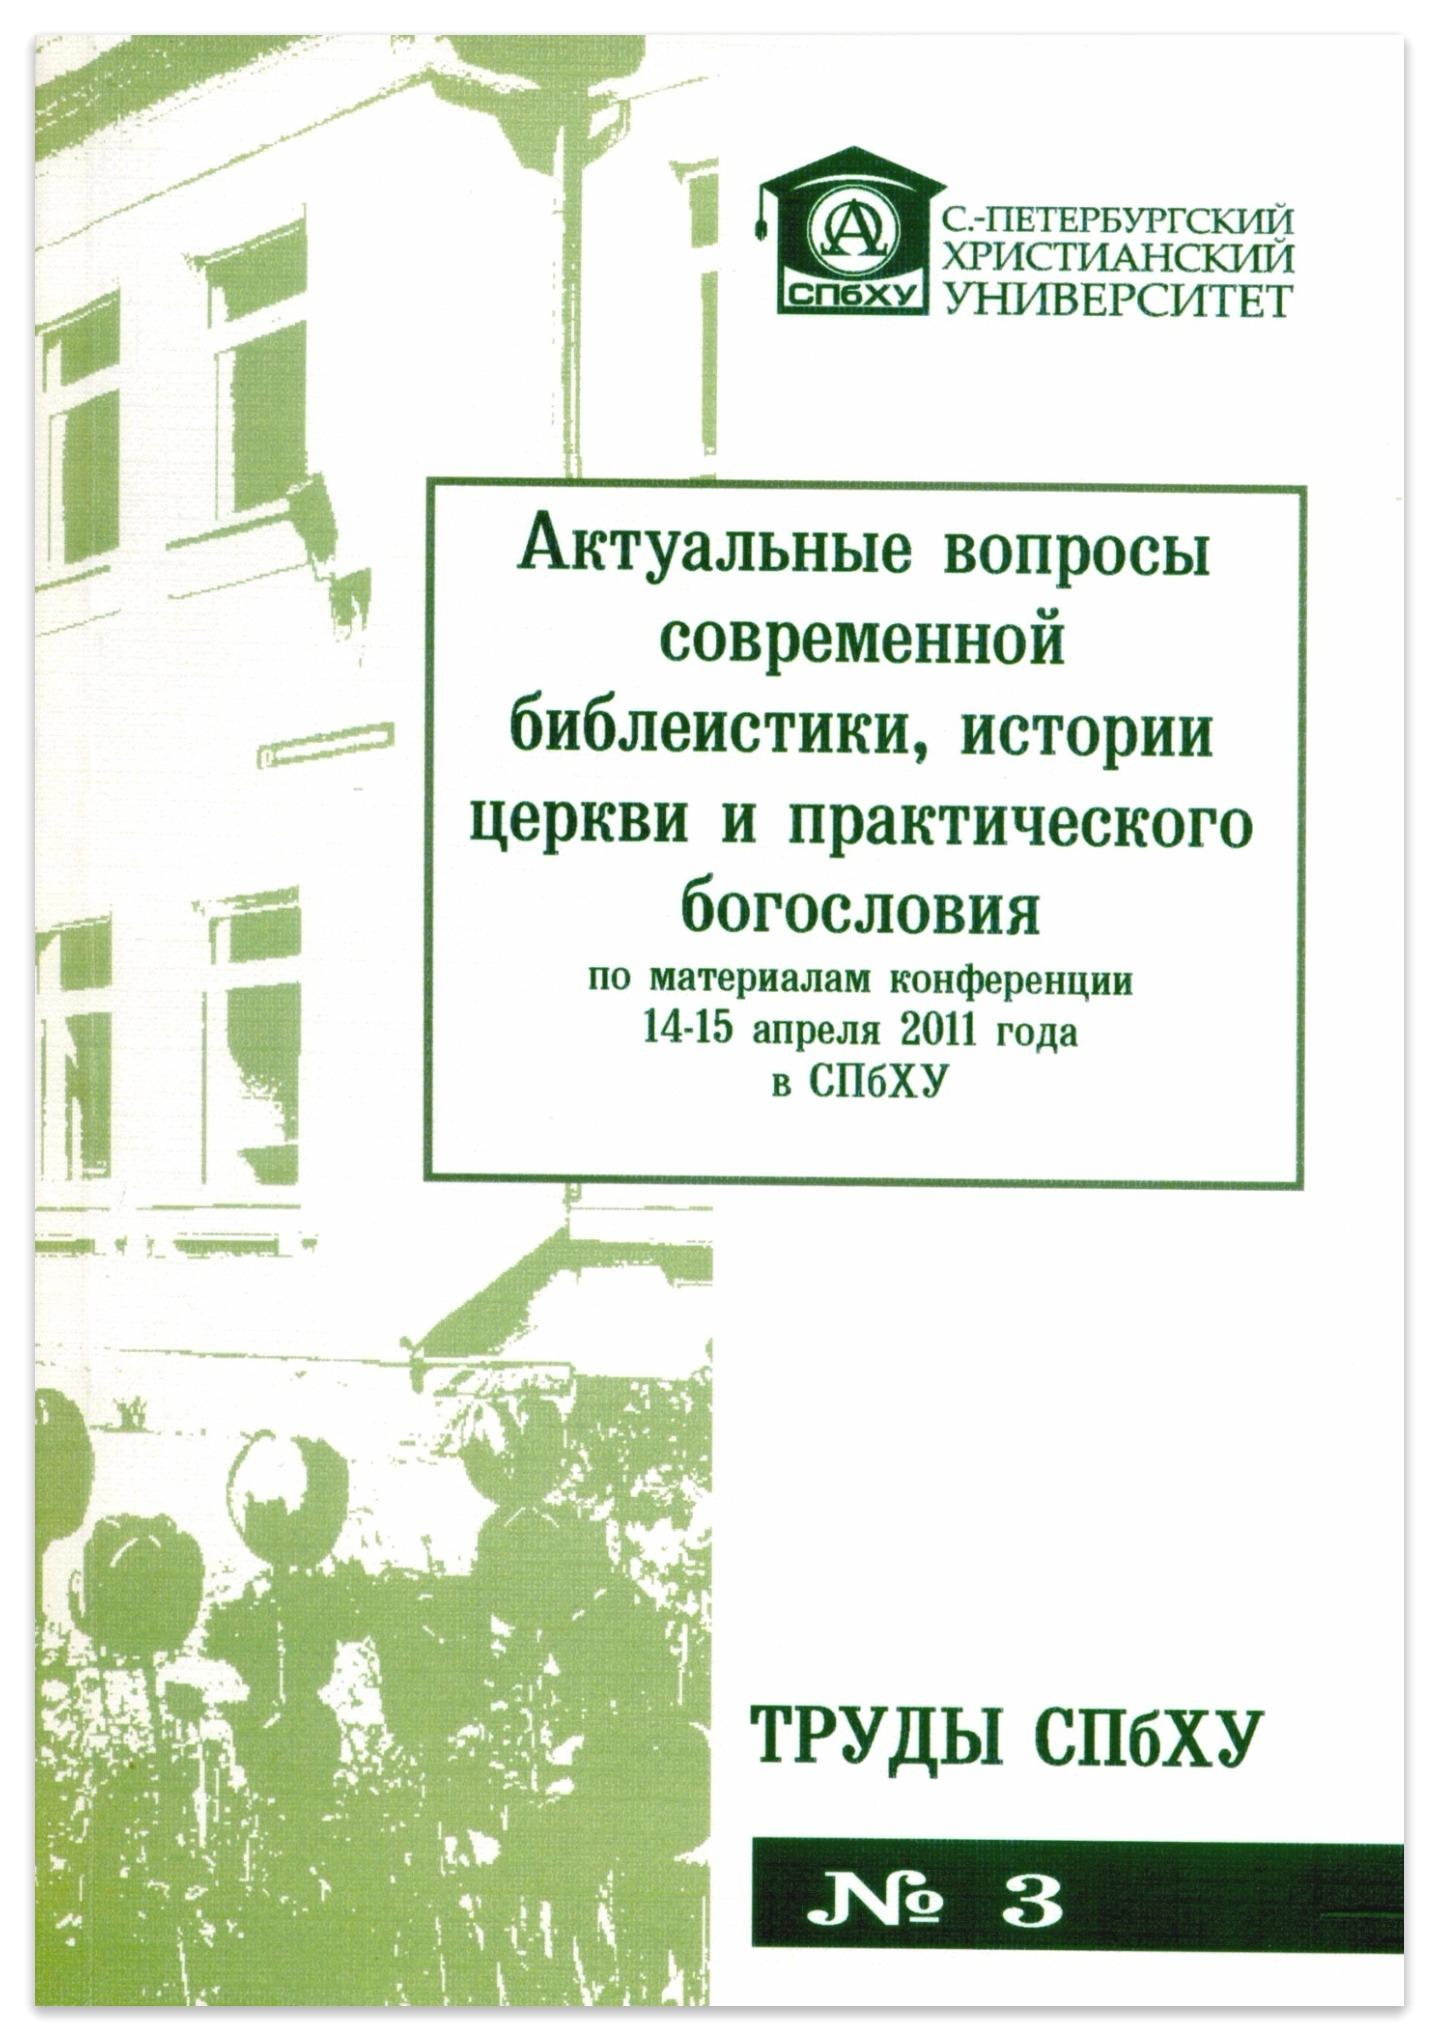 Труды СПбХУ • № 3 • 2011